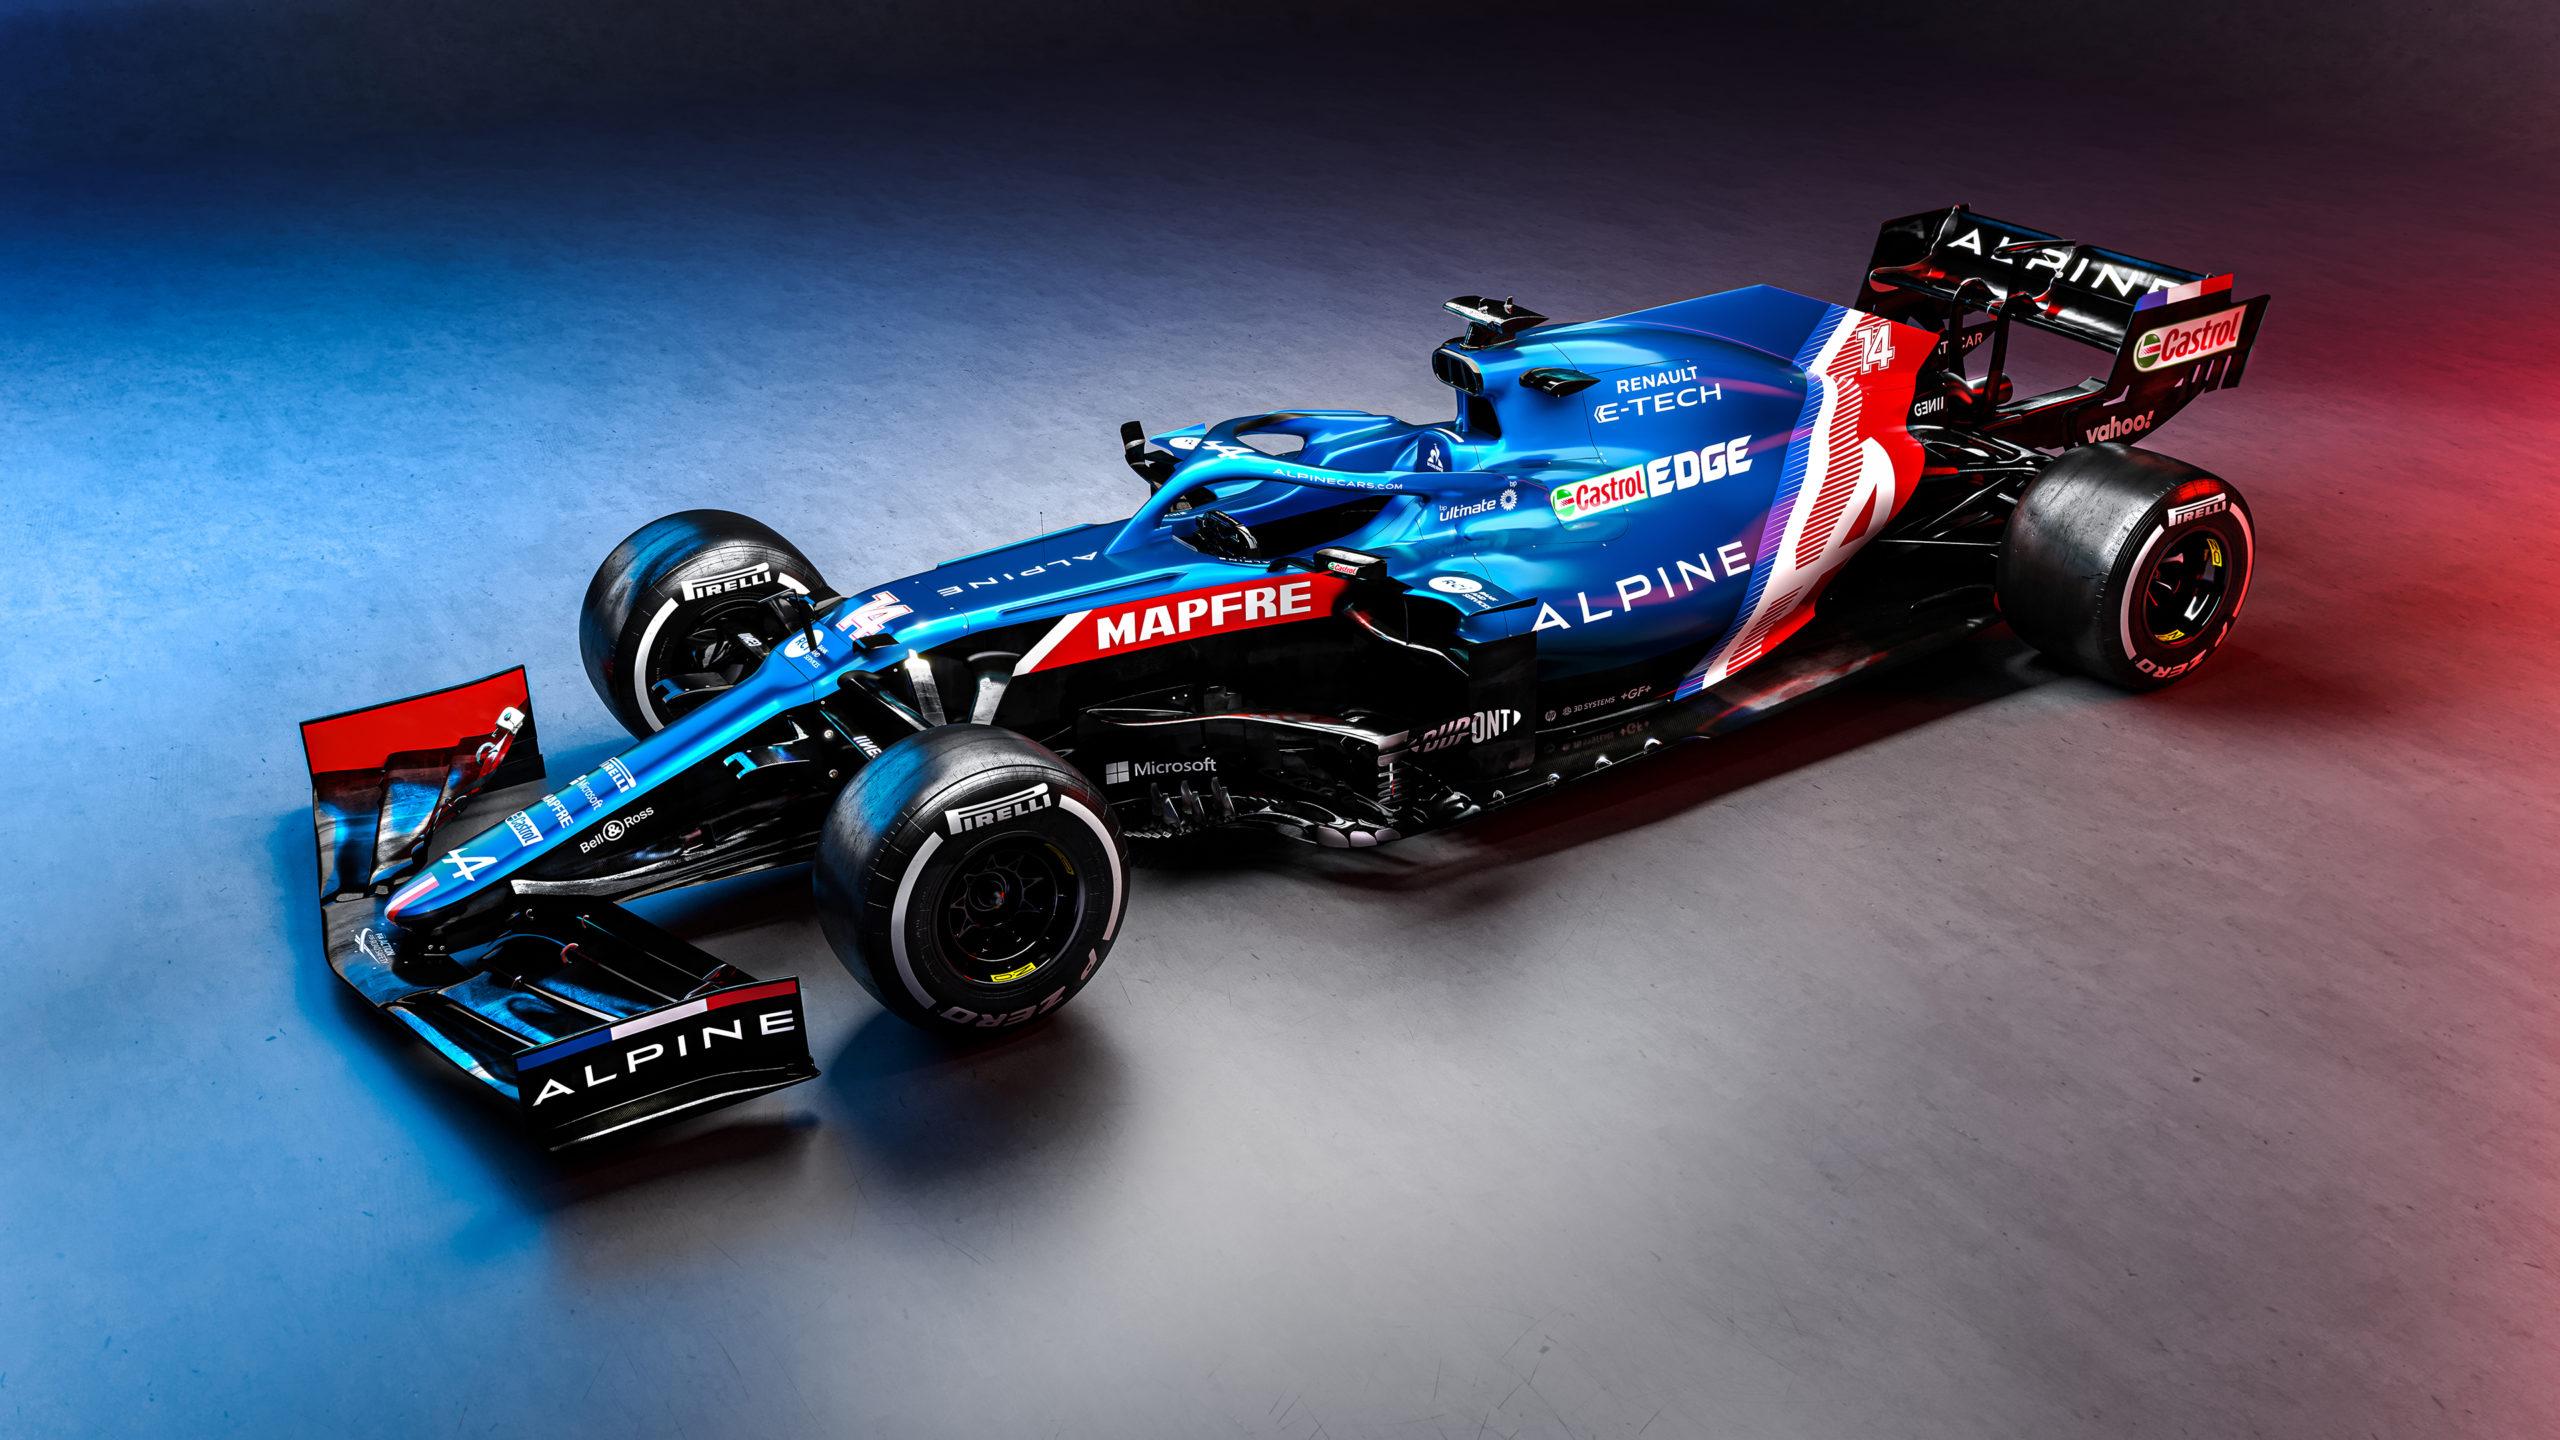 La nouvelle Alpine F1